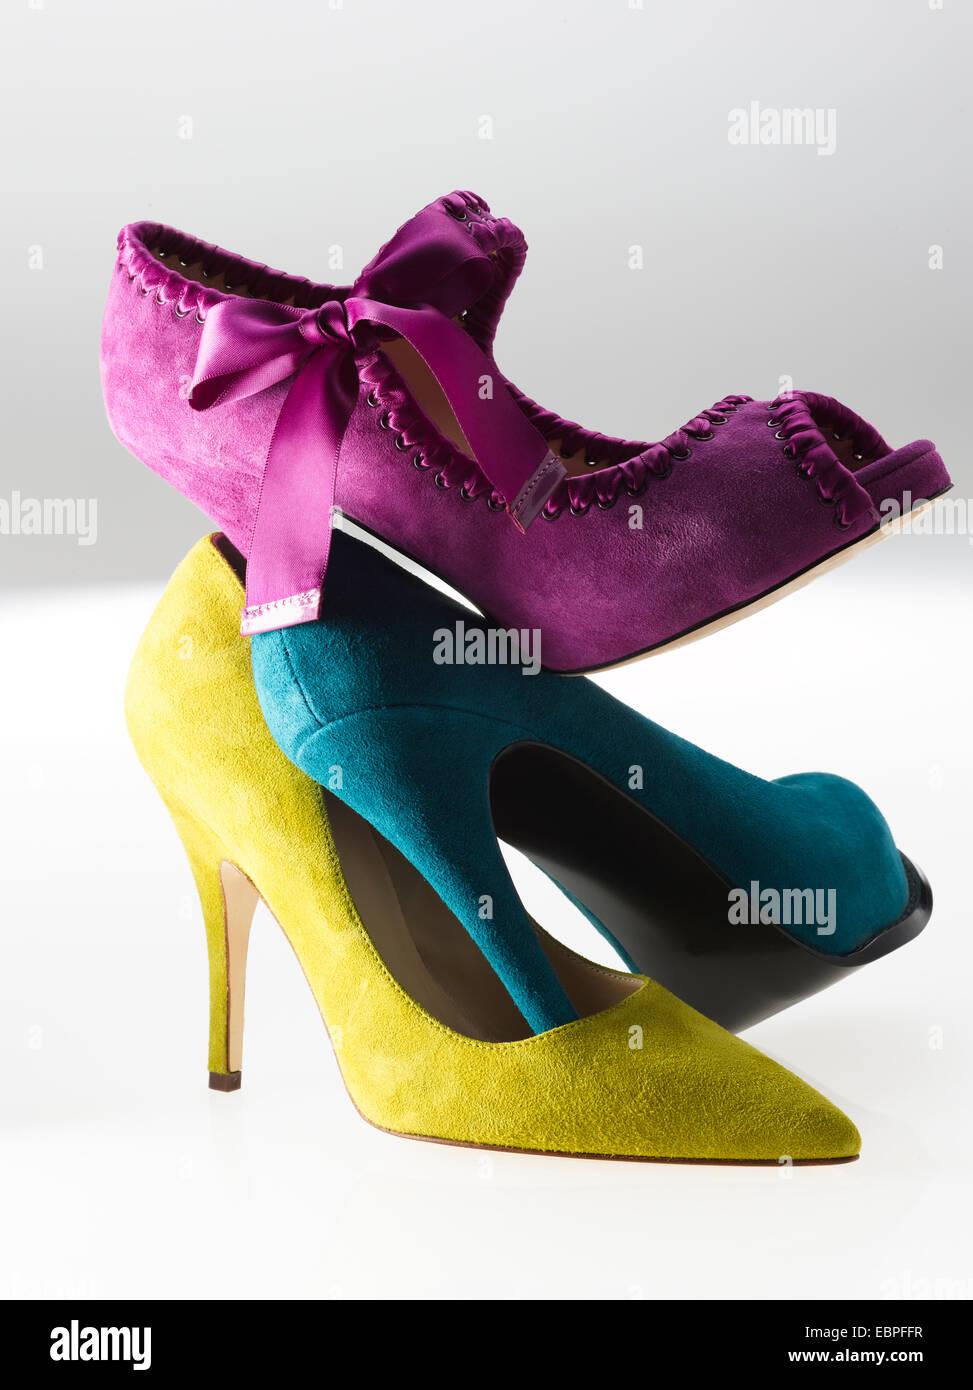 Wildleder Womens Schuhe Stockbild